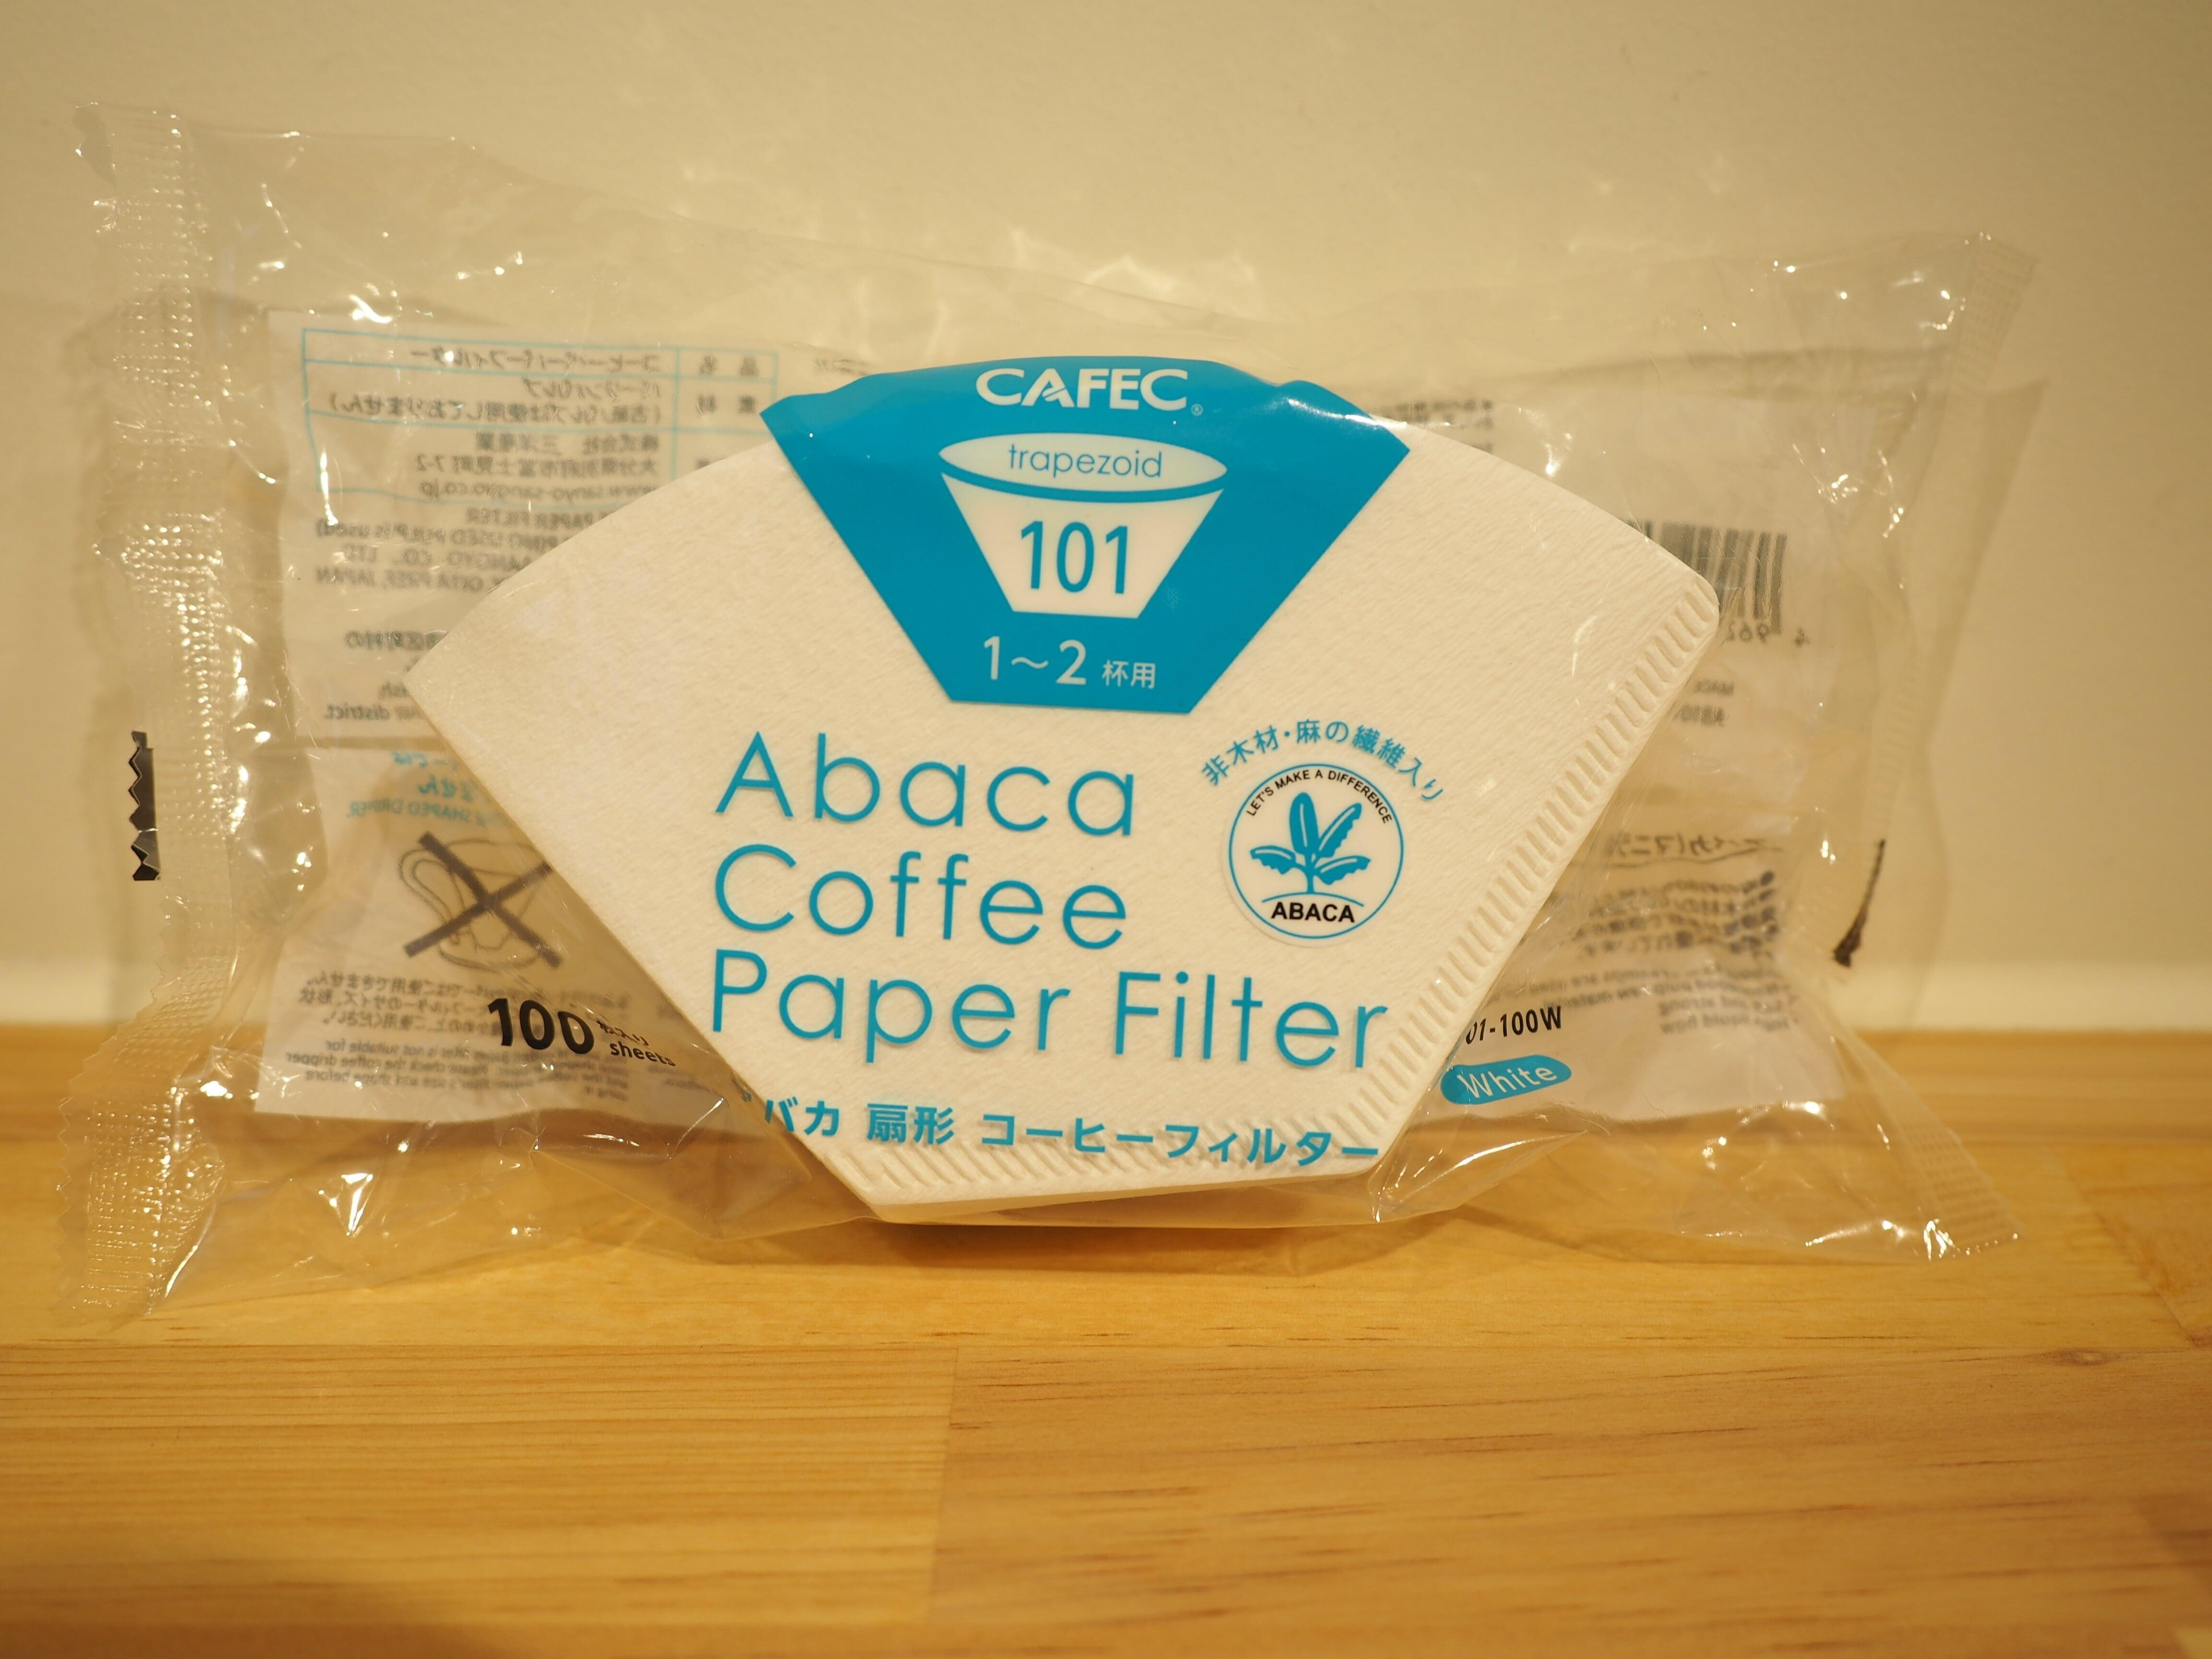 CAFEC アバカ台形 コーヒーフィルター 101